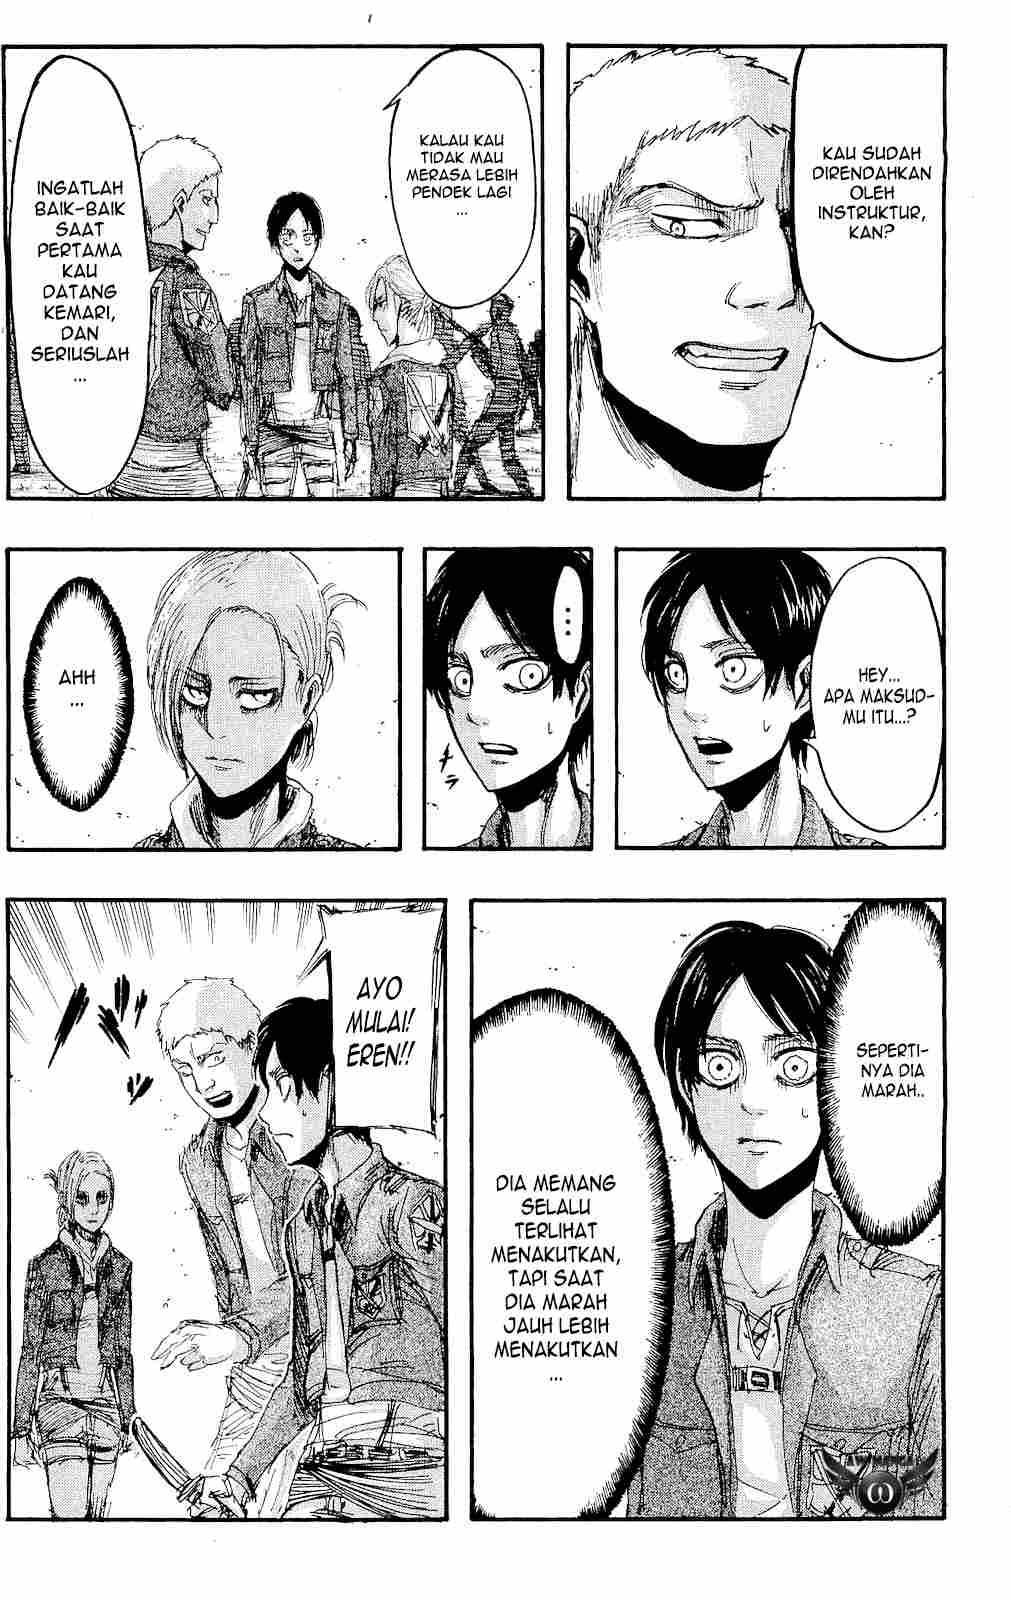 Komik shingeki no kyojin 017 - ilusi dari kekuatan 18 Indonesia shingeki no kyojin 017 - ilusi dari kekuatan Terbaru 10|Baca Manga Komik Indonesia|